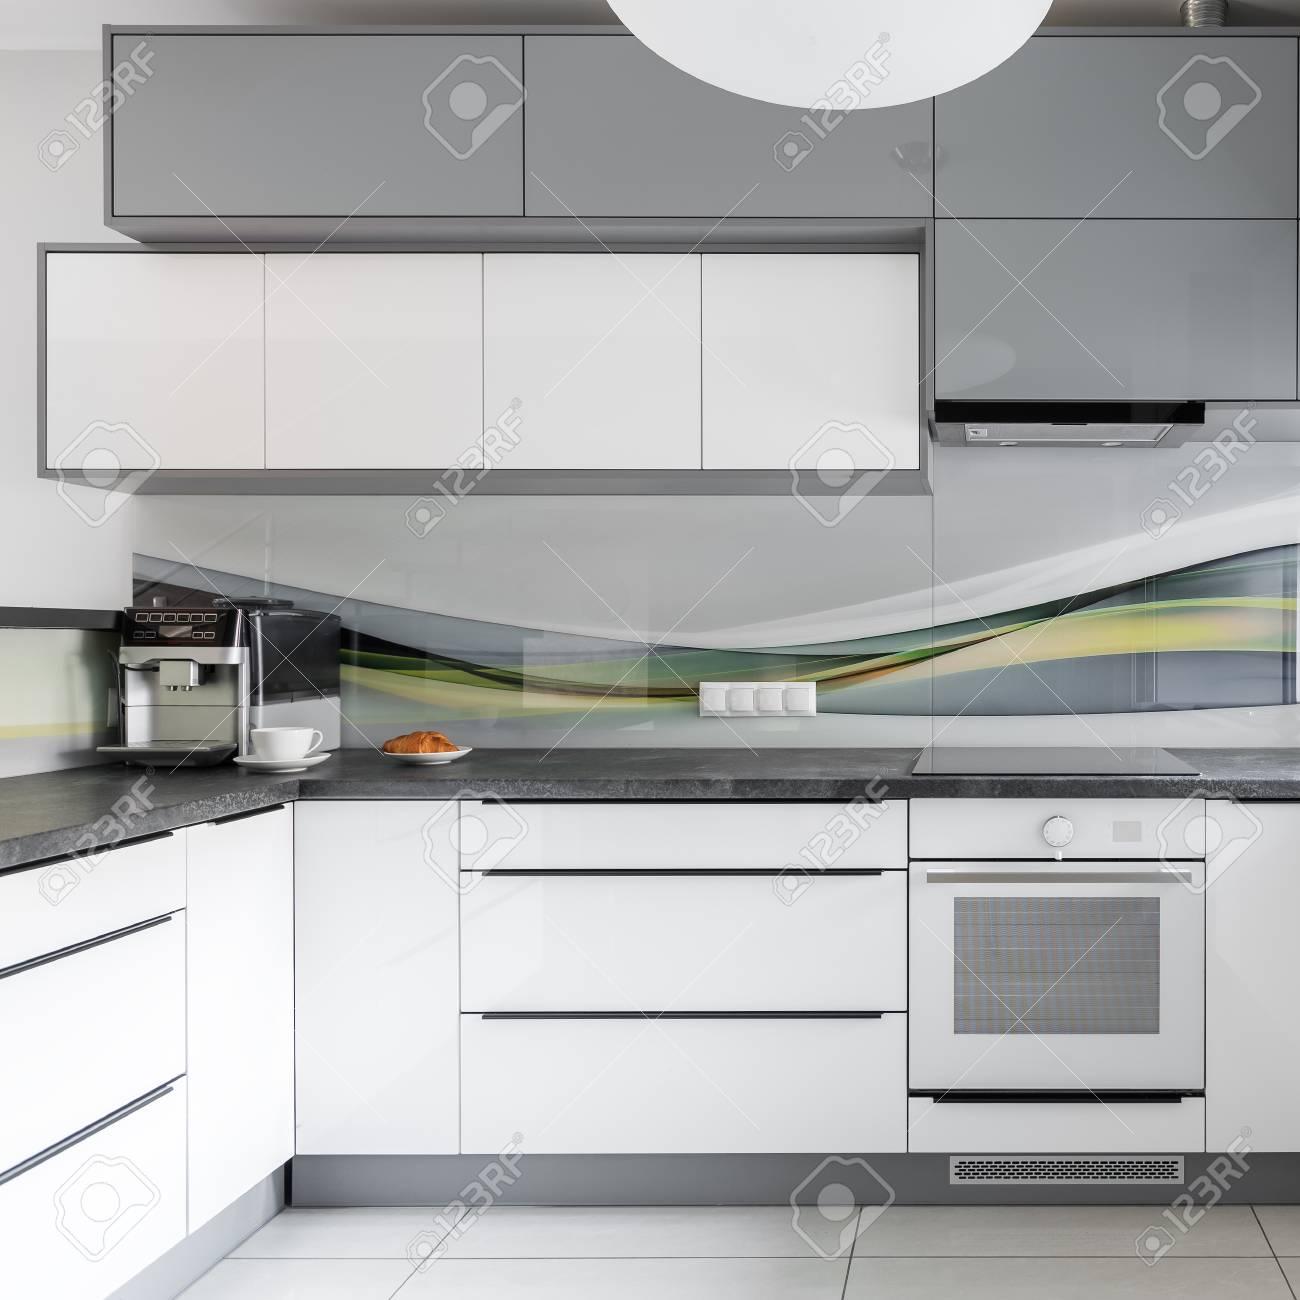 Interieur De Cuisine Moderne Et Clair Avec Des Meubles Blancs Et